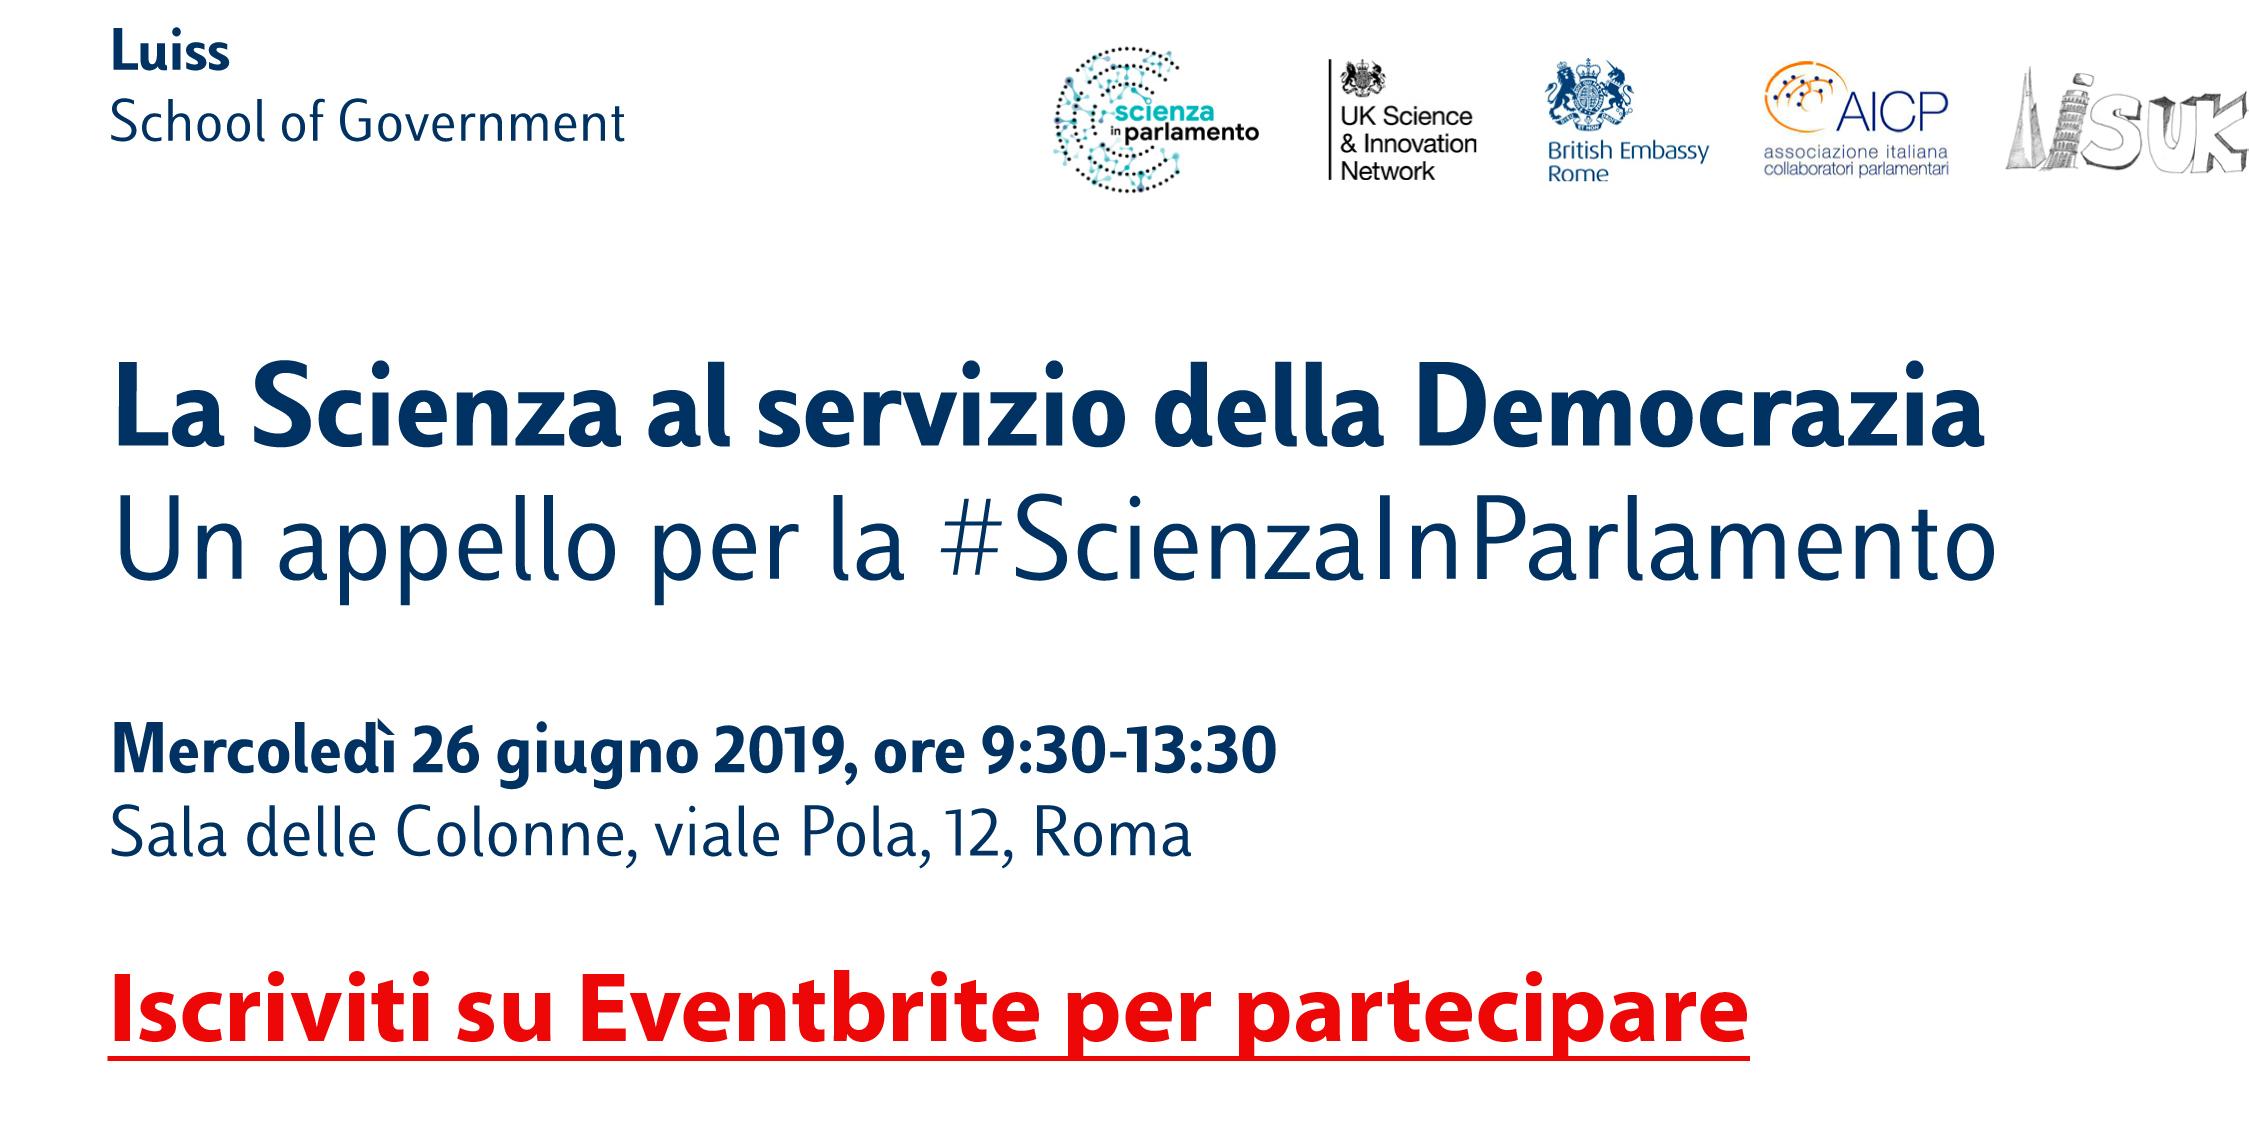 Locandina dell'evento Un appello per la Scienza in Parlamennto, 26 giugno ore 9:30 presso la Luiss (Sala delle Colonne) Viale Pola 12, Roma